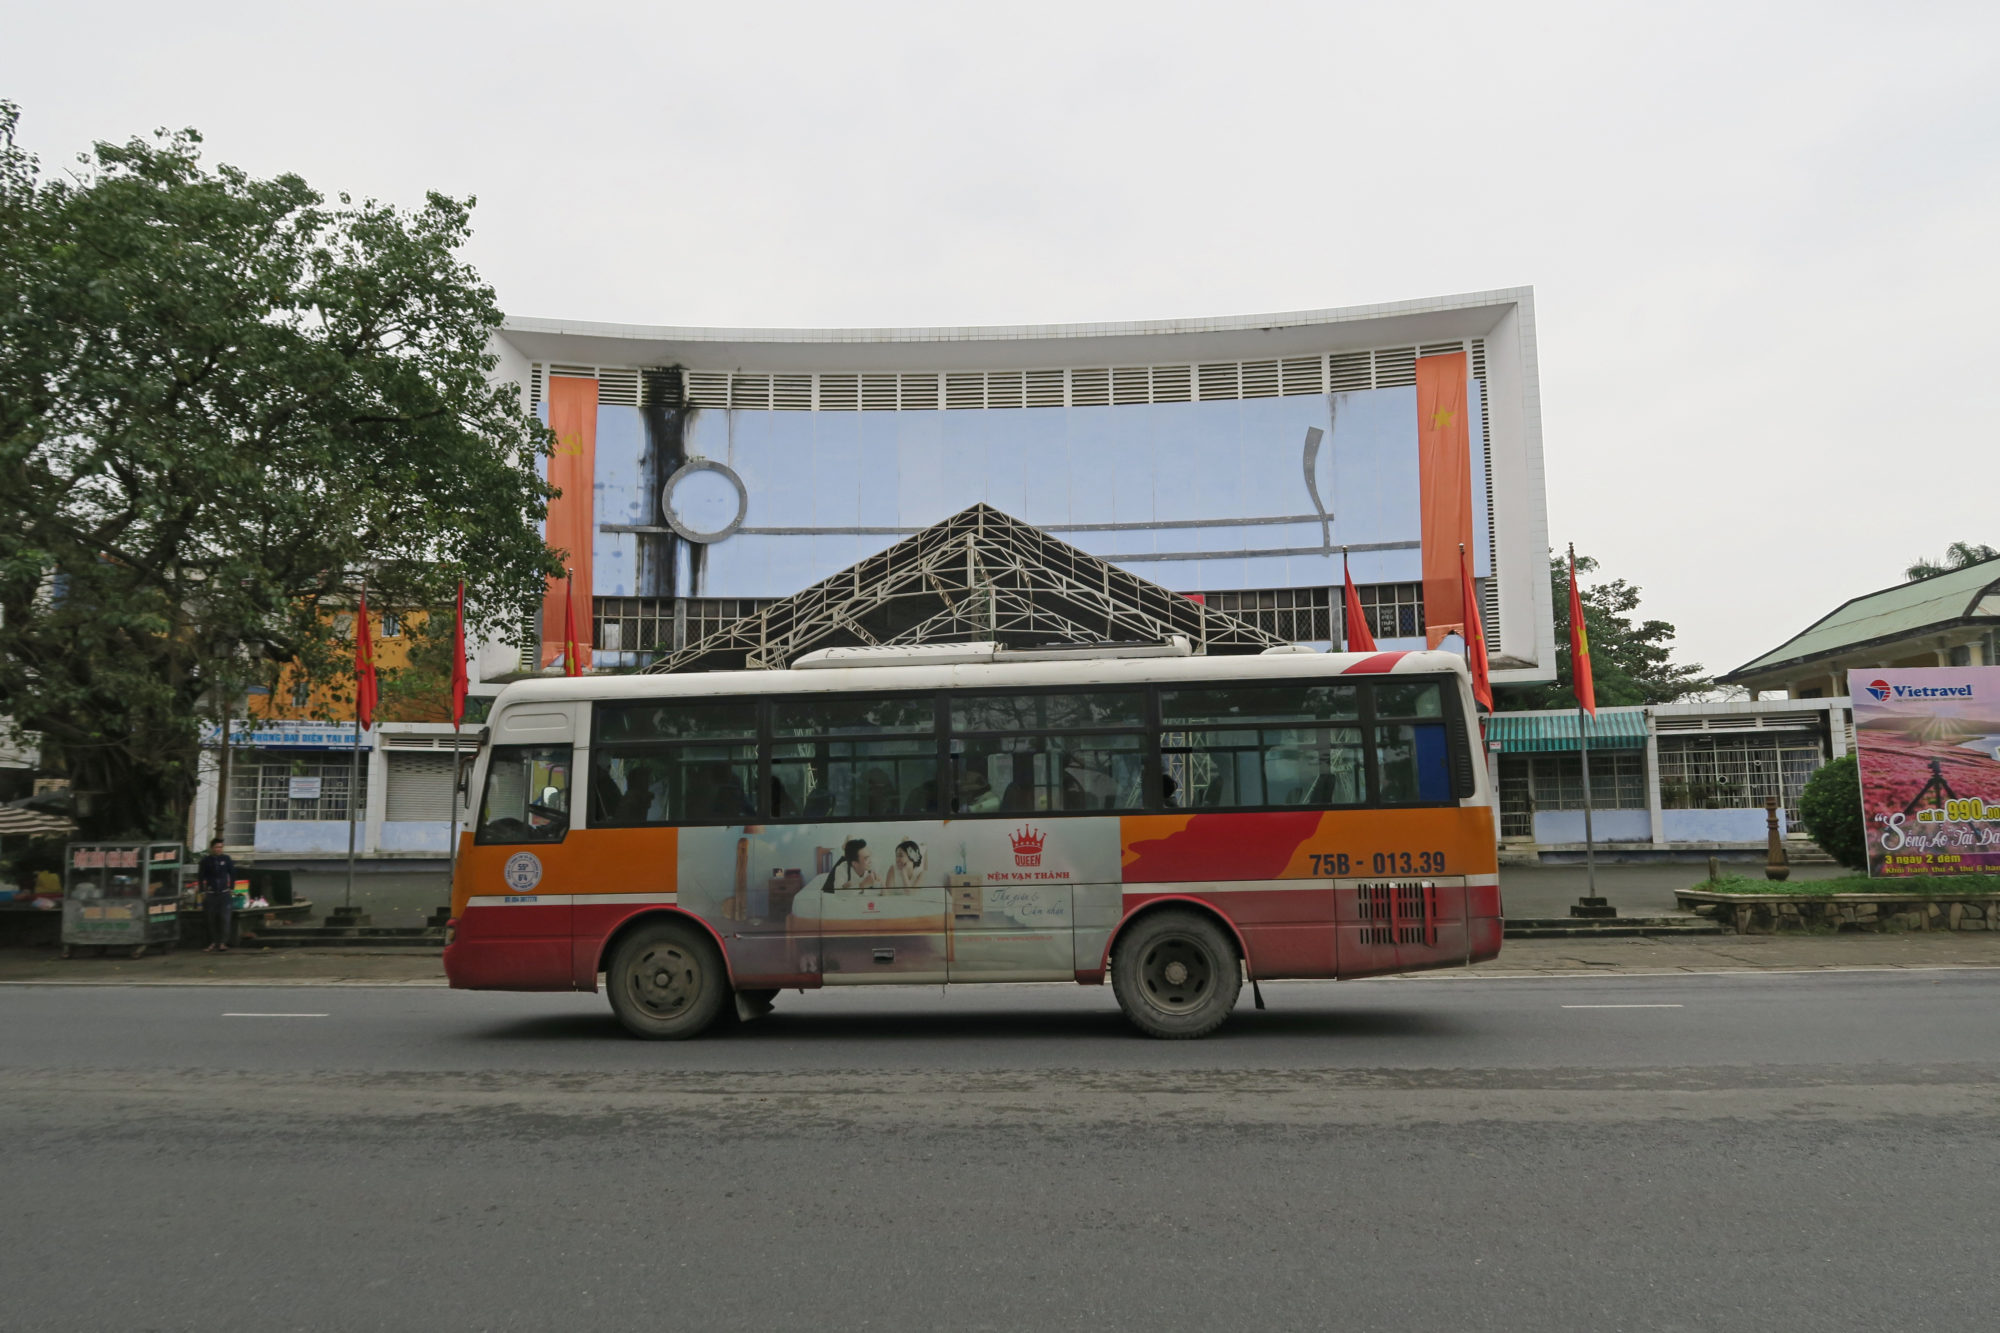 hue vietnam bus